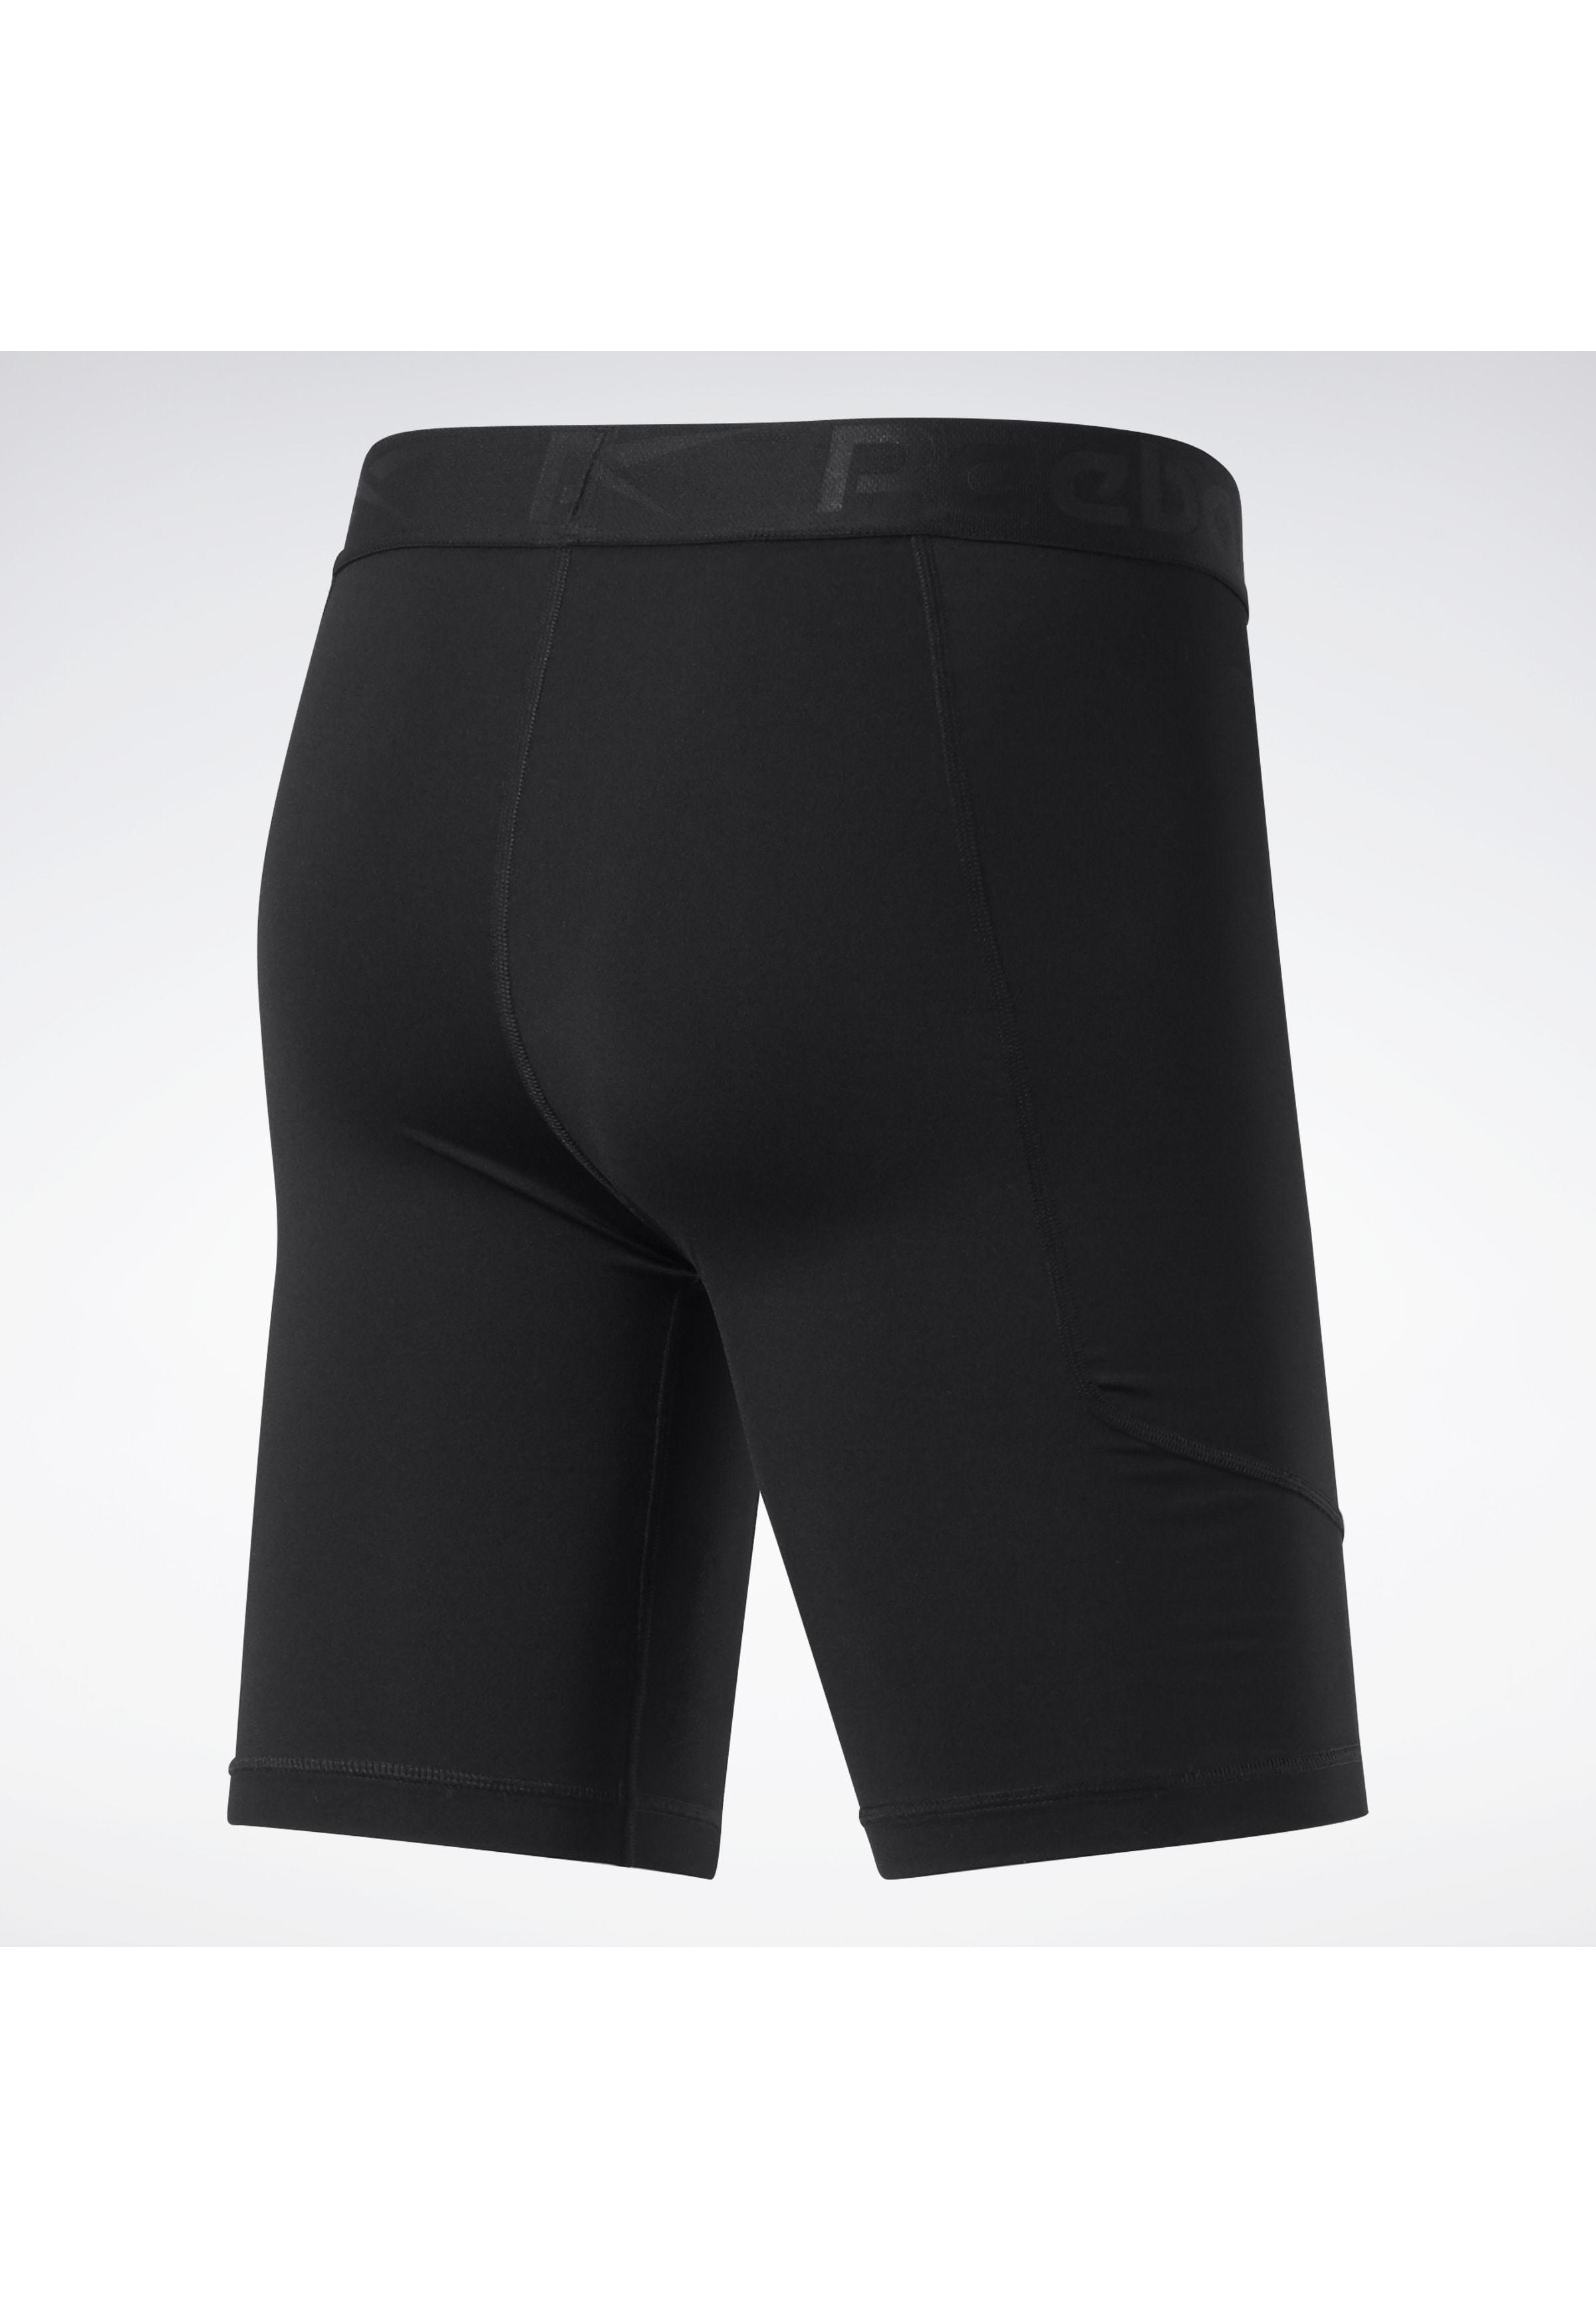 Men WORKOUT READY COMPRESSION BRIEFS - Pants